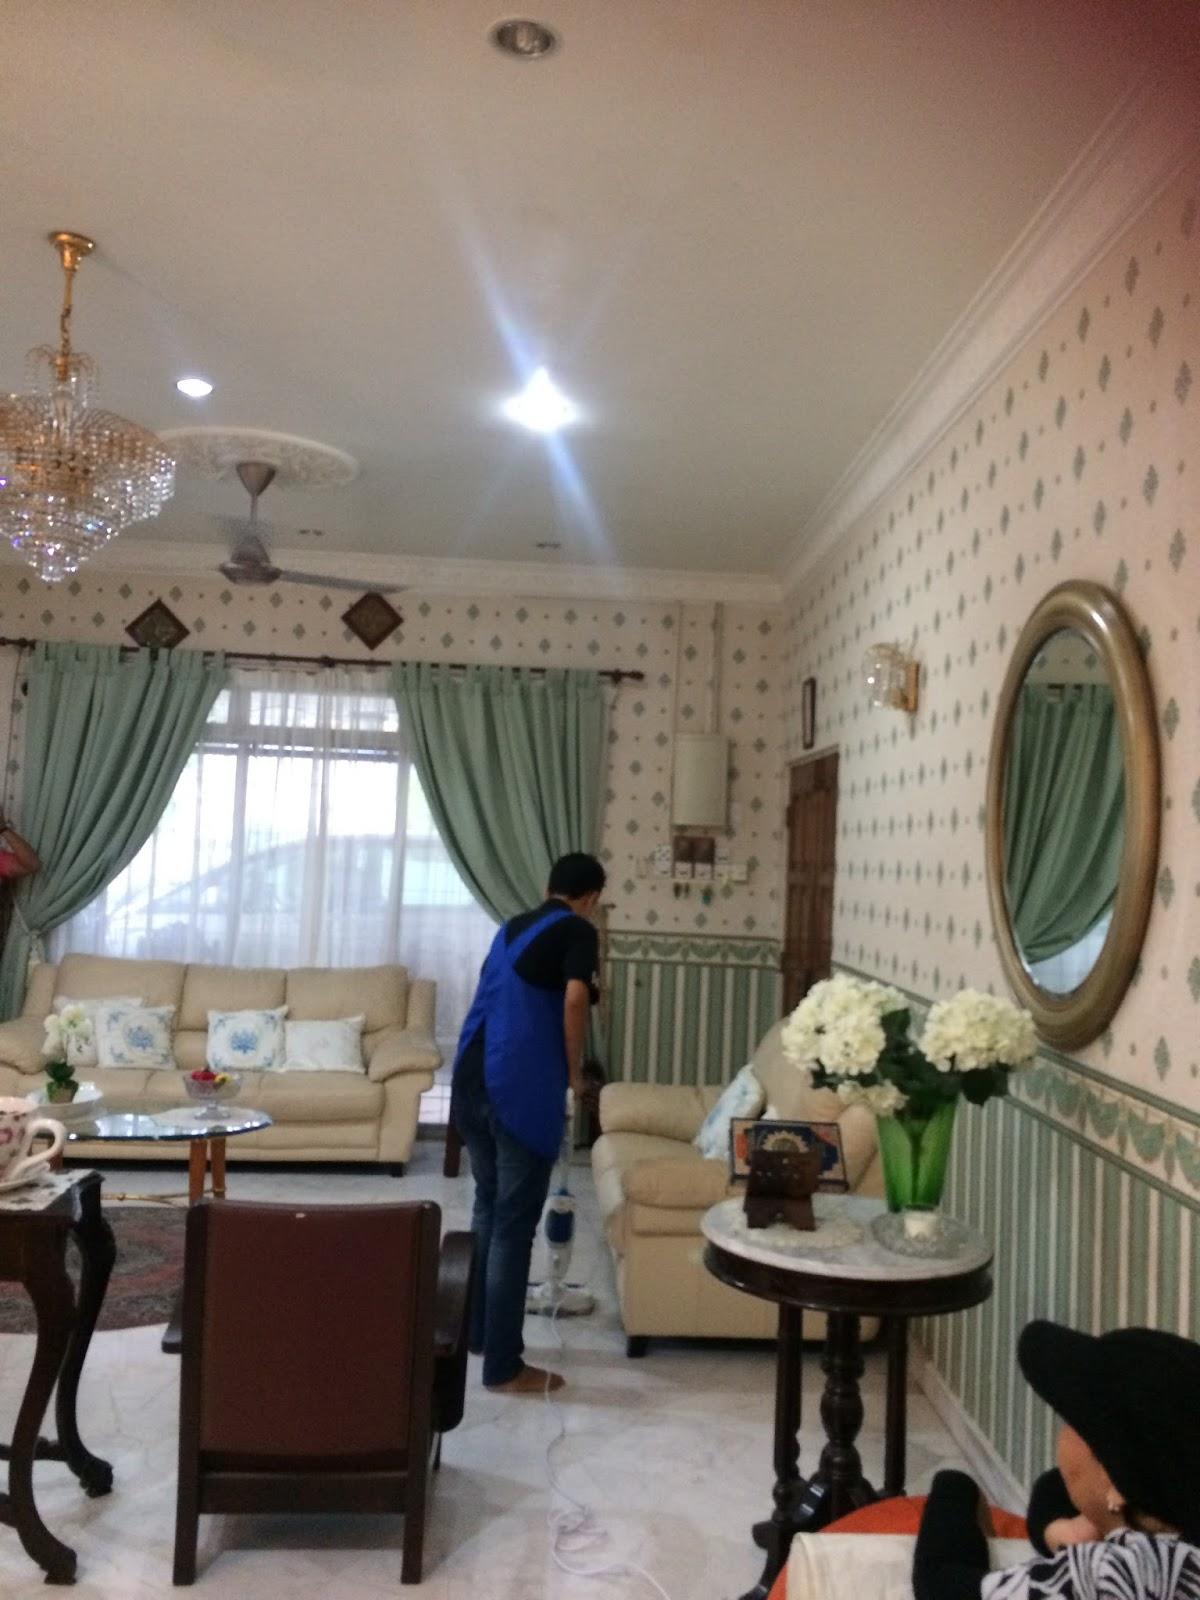 maid service di KL